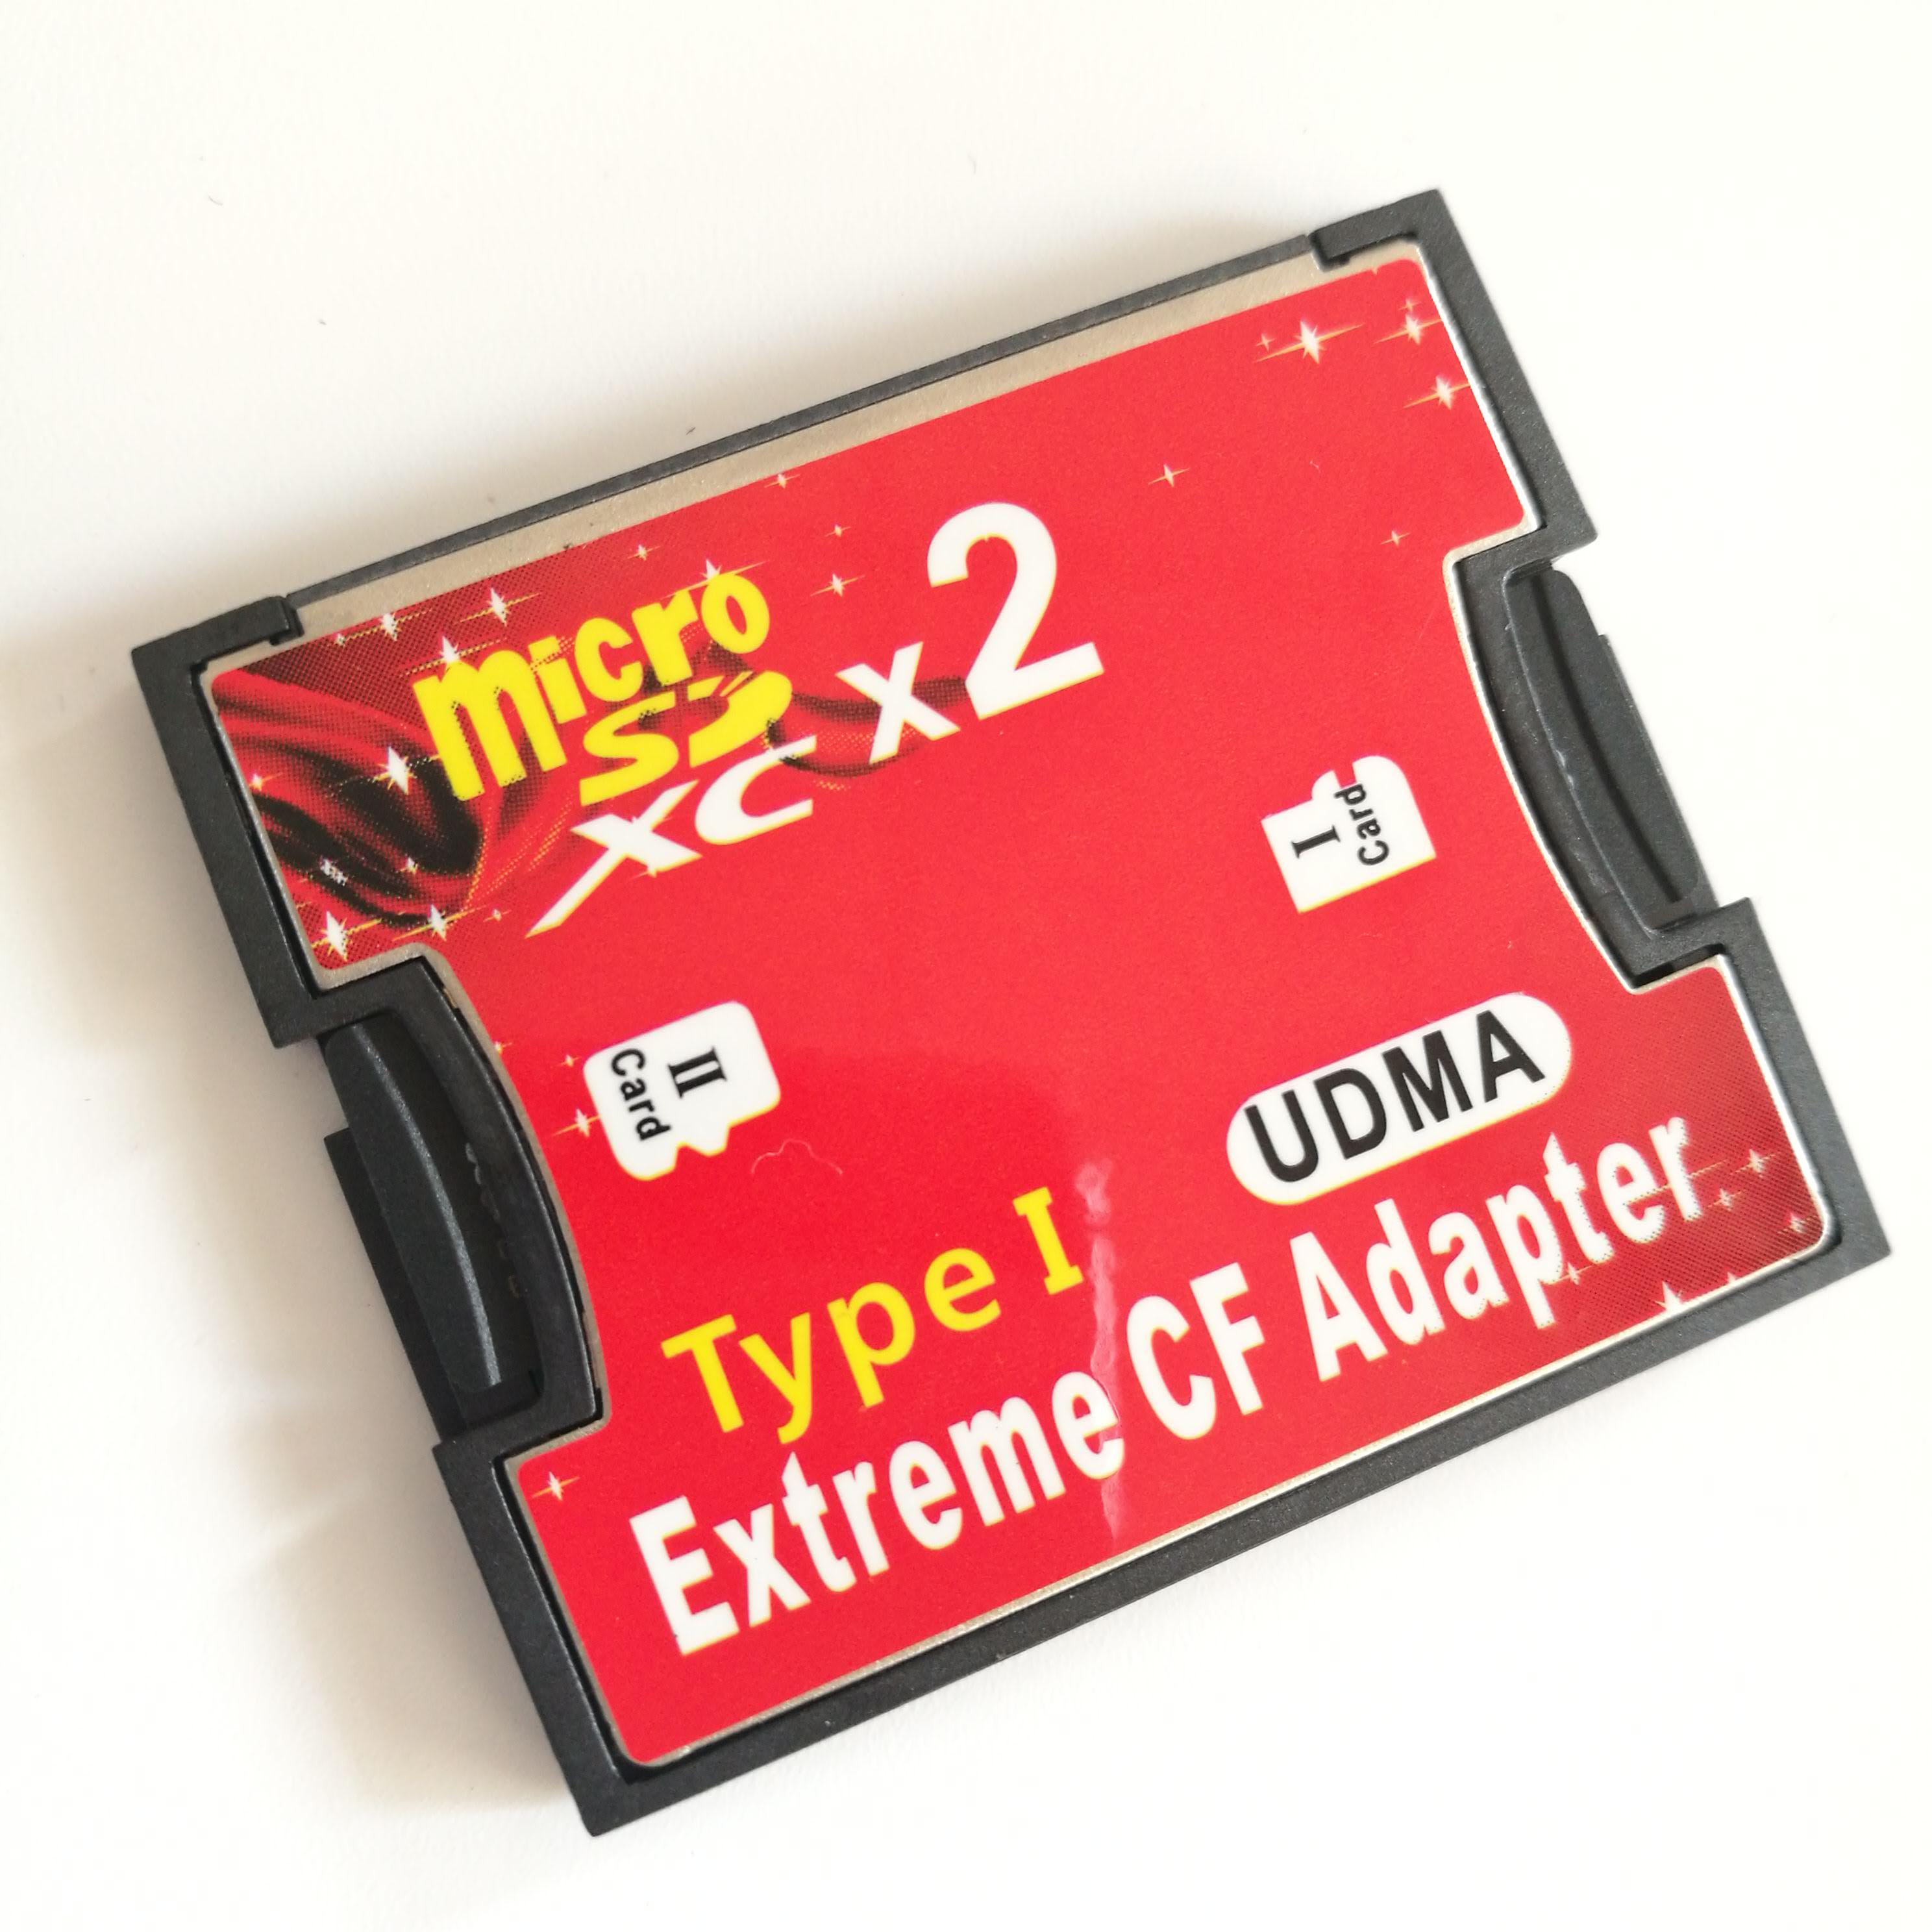 原裝 micro sd轉CF 卡套 雙TF轉CF卡套 支援SDXC 2TB 高速轉接卡